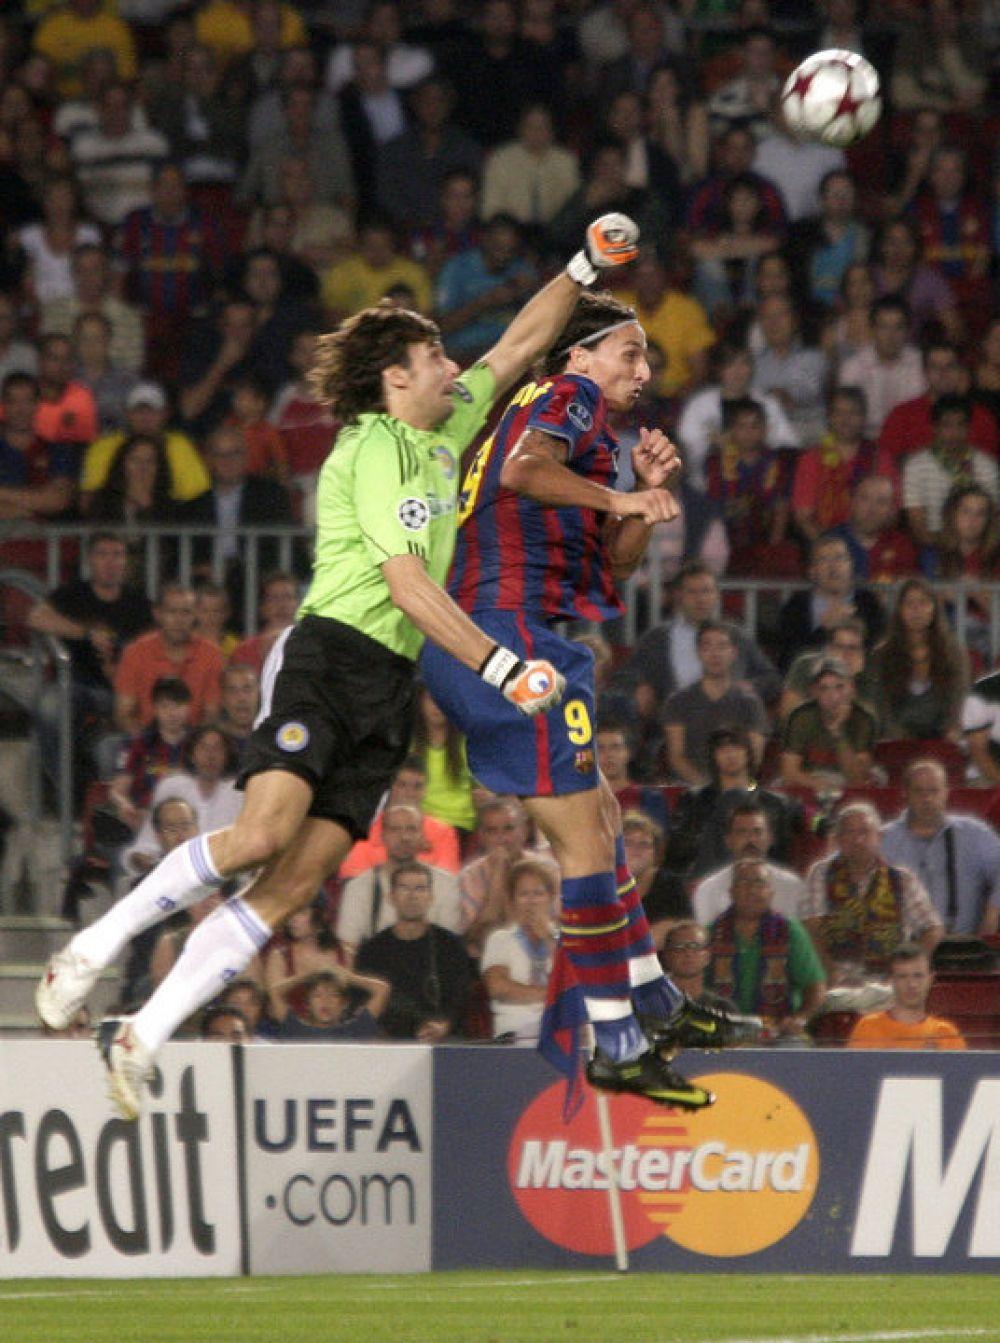 Кулак Саши оказался выше головы Ибрахимовича, который тогда играл за Барселону